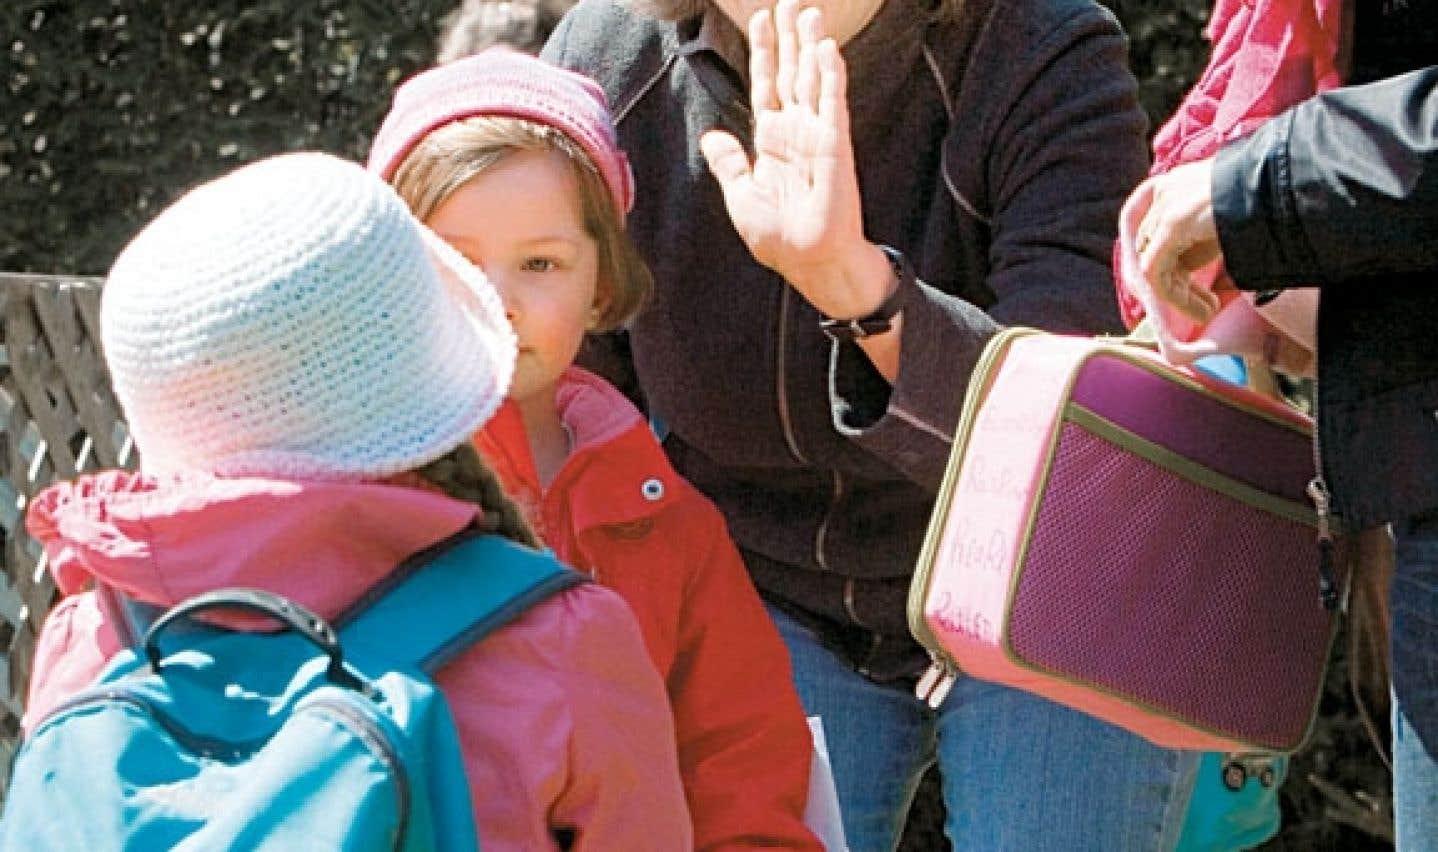 Le passage de la garderie à l'école est un moment qui peut être difficile pour les enfants.